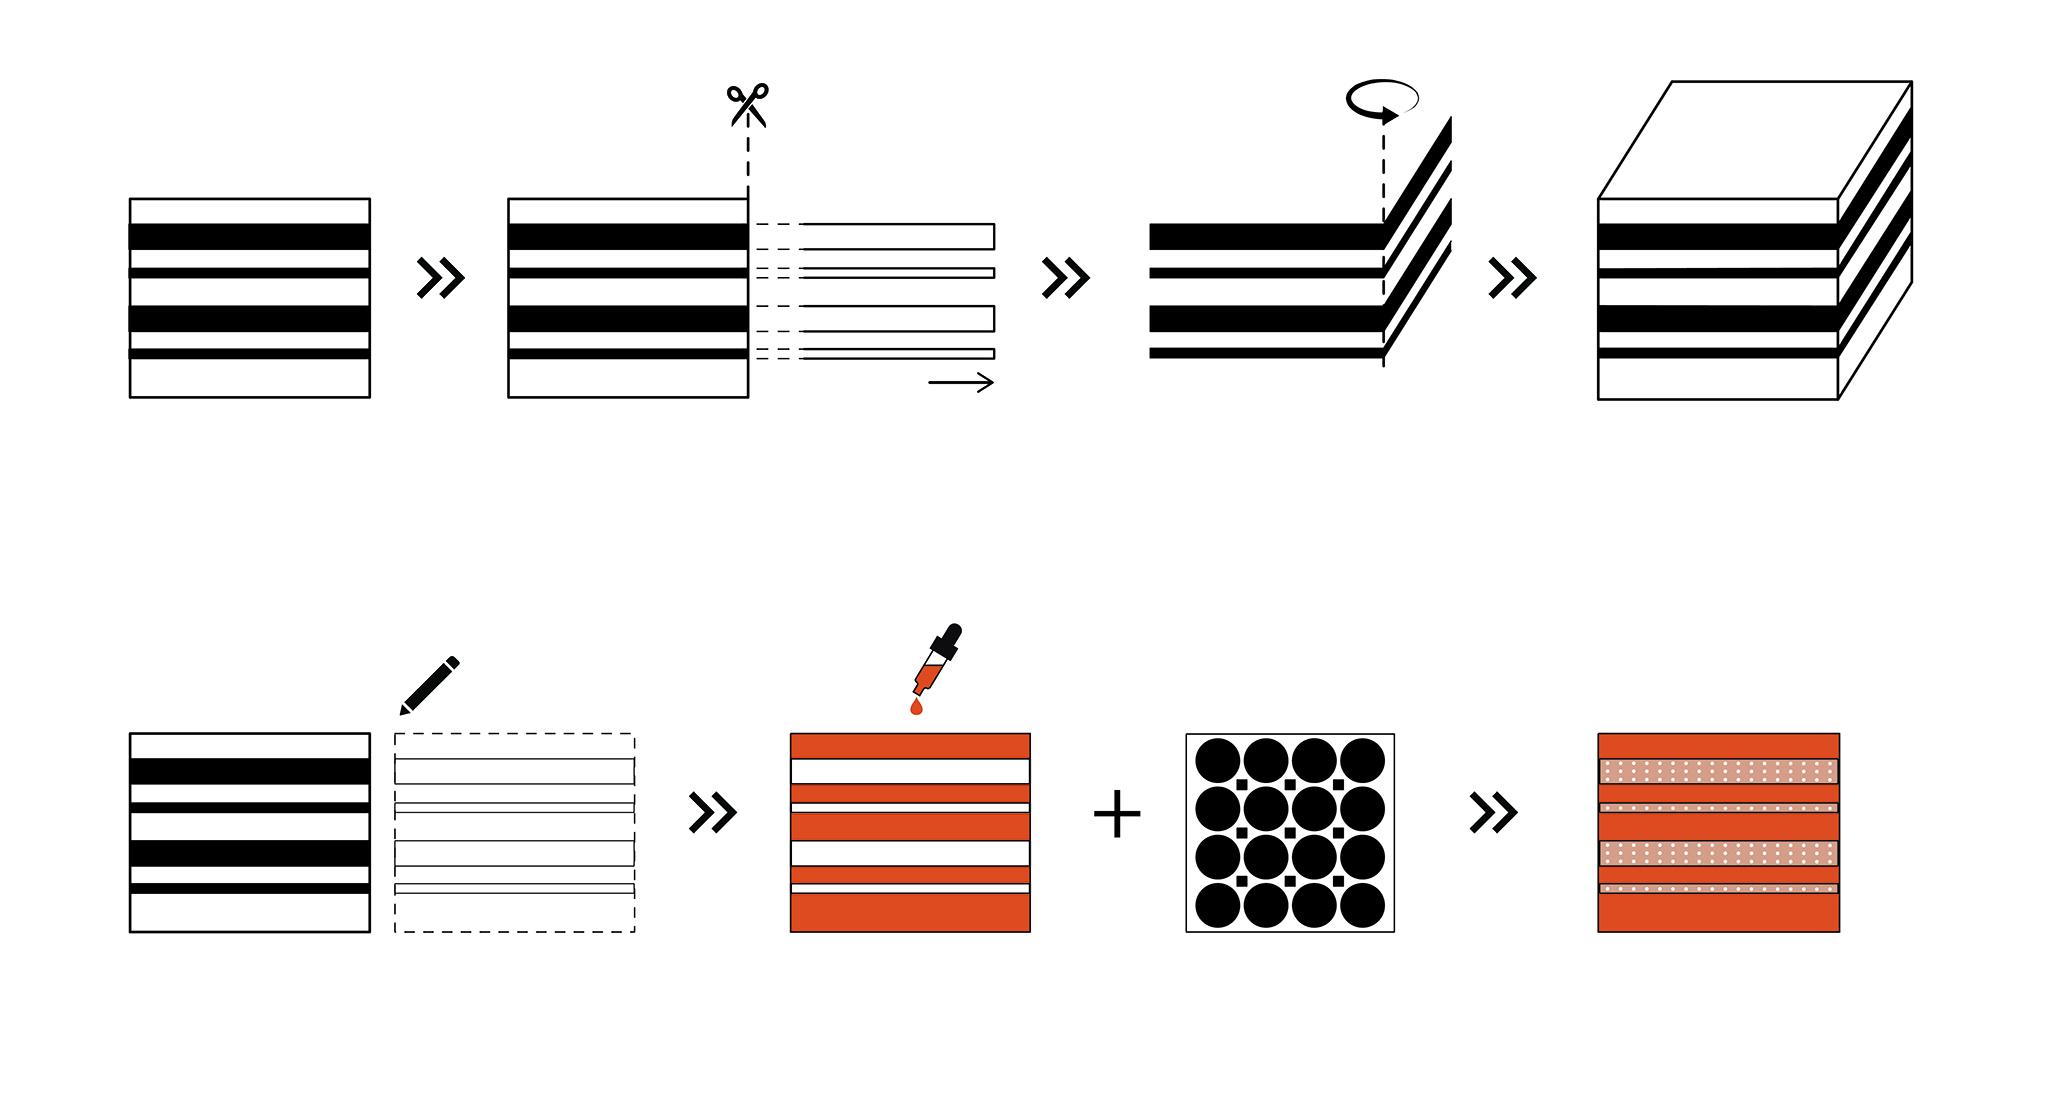 110_NAMS_04_Concept_diagram_facade01_no_text.jpg